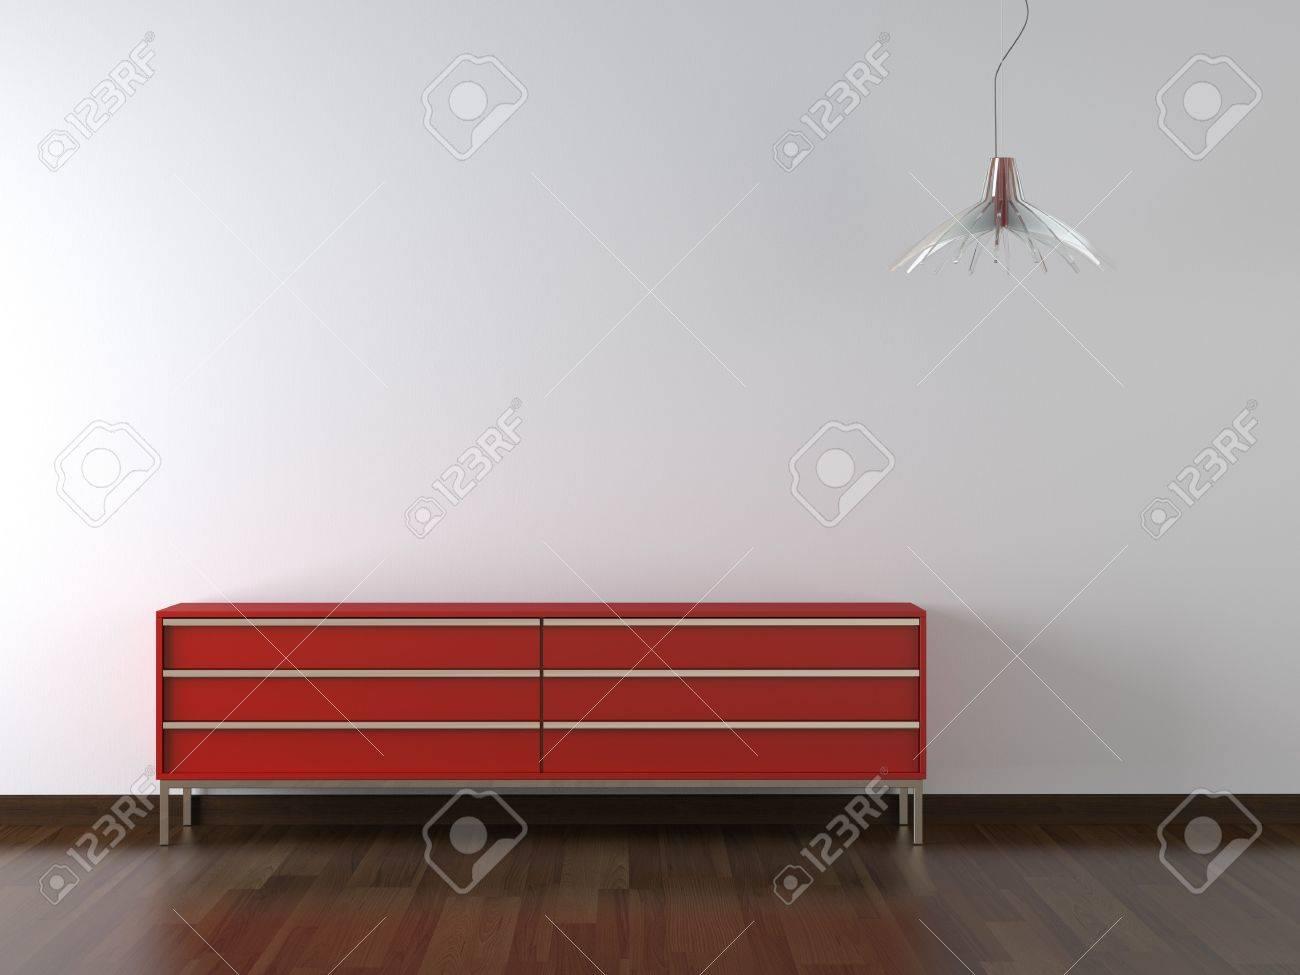 meubles design d'intérieur et d'une lampe rouge sur le mur blanc ... - Copie De Meuble Design